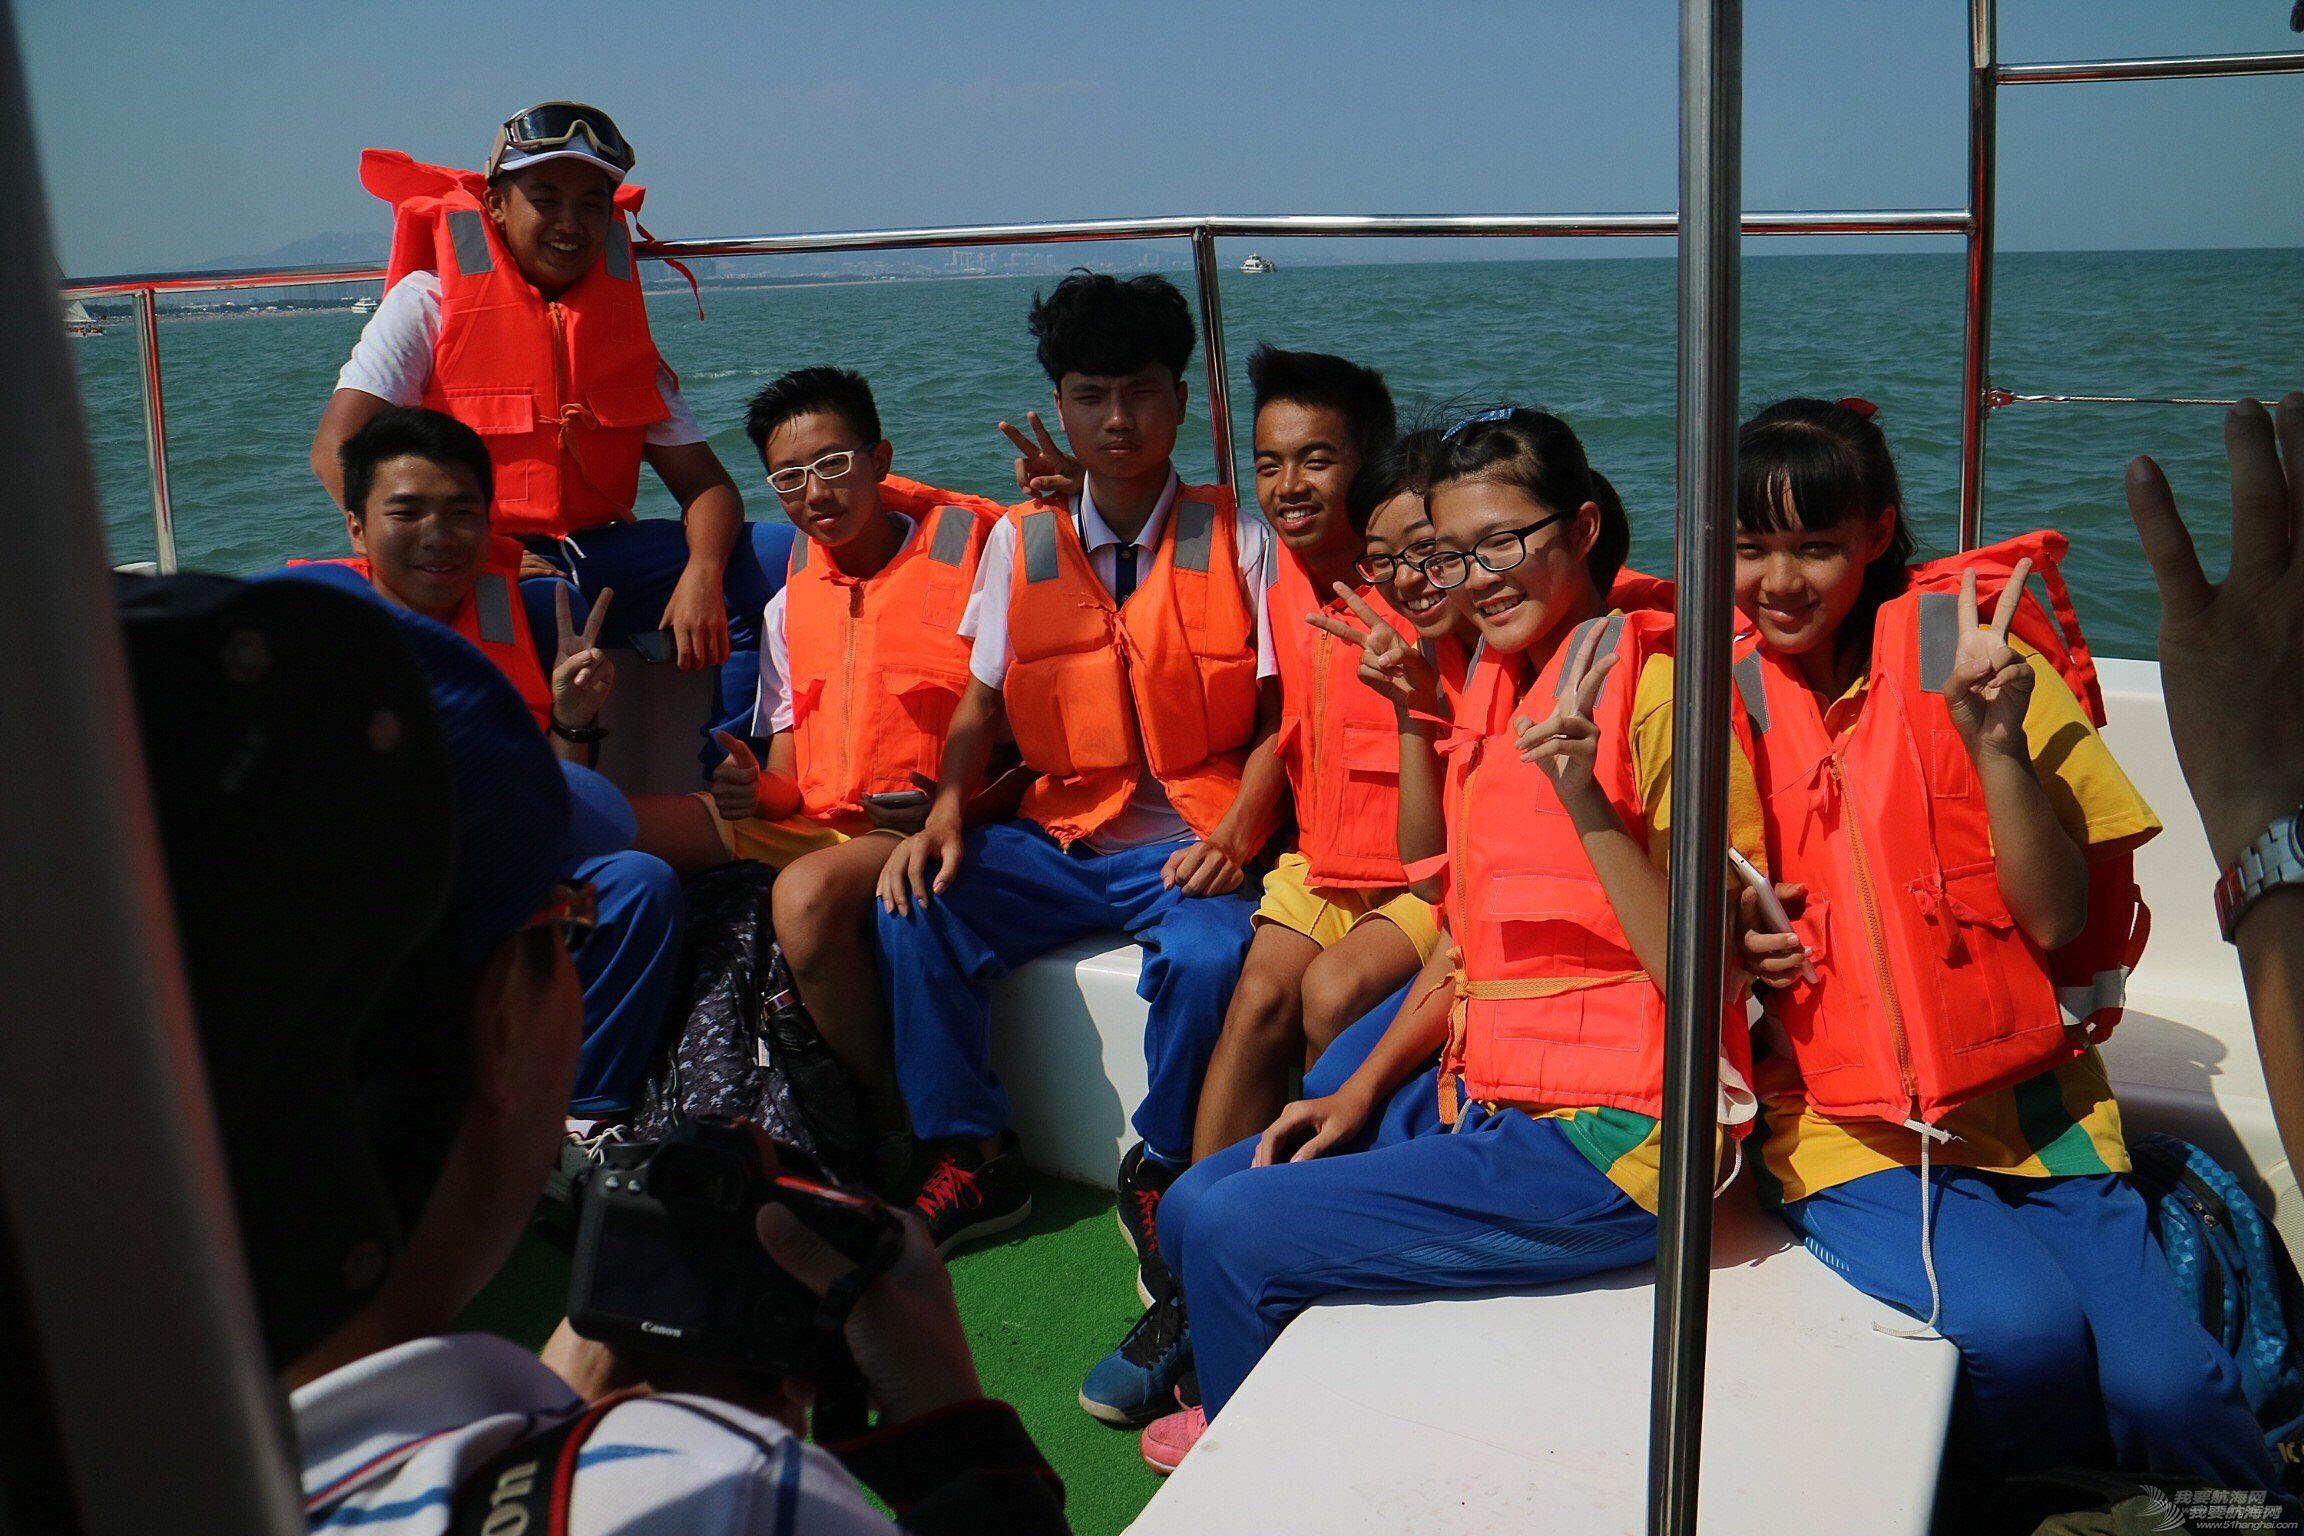 菲律宾,夏令营,志愿者,起跑线,原生态 cat的航海日志之(和夏令营的孩子们一起去航海) 7章节